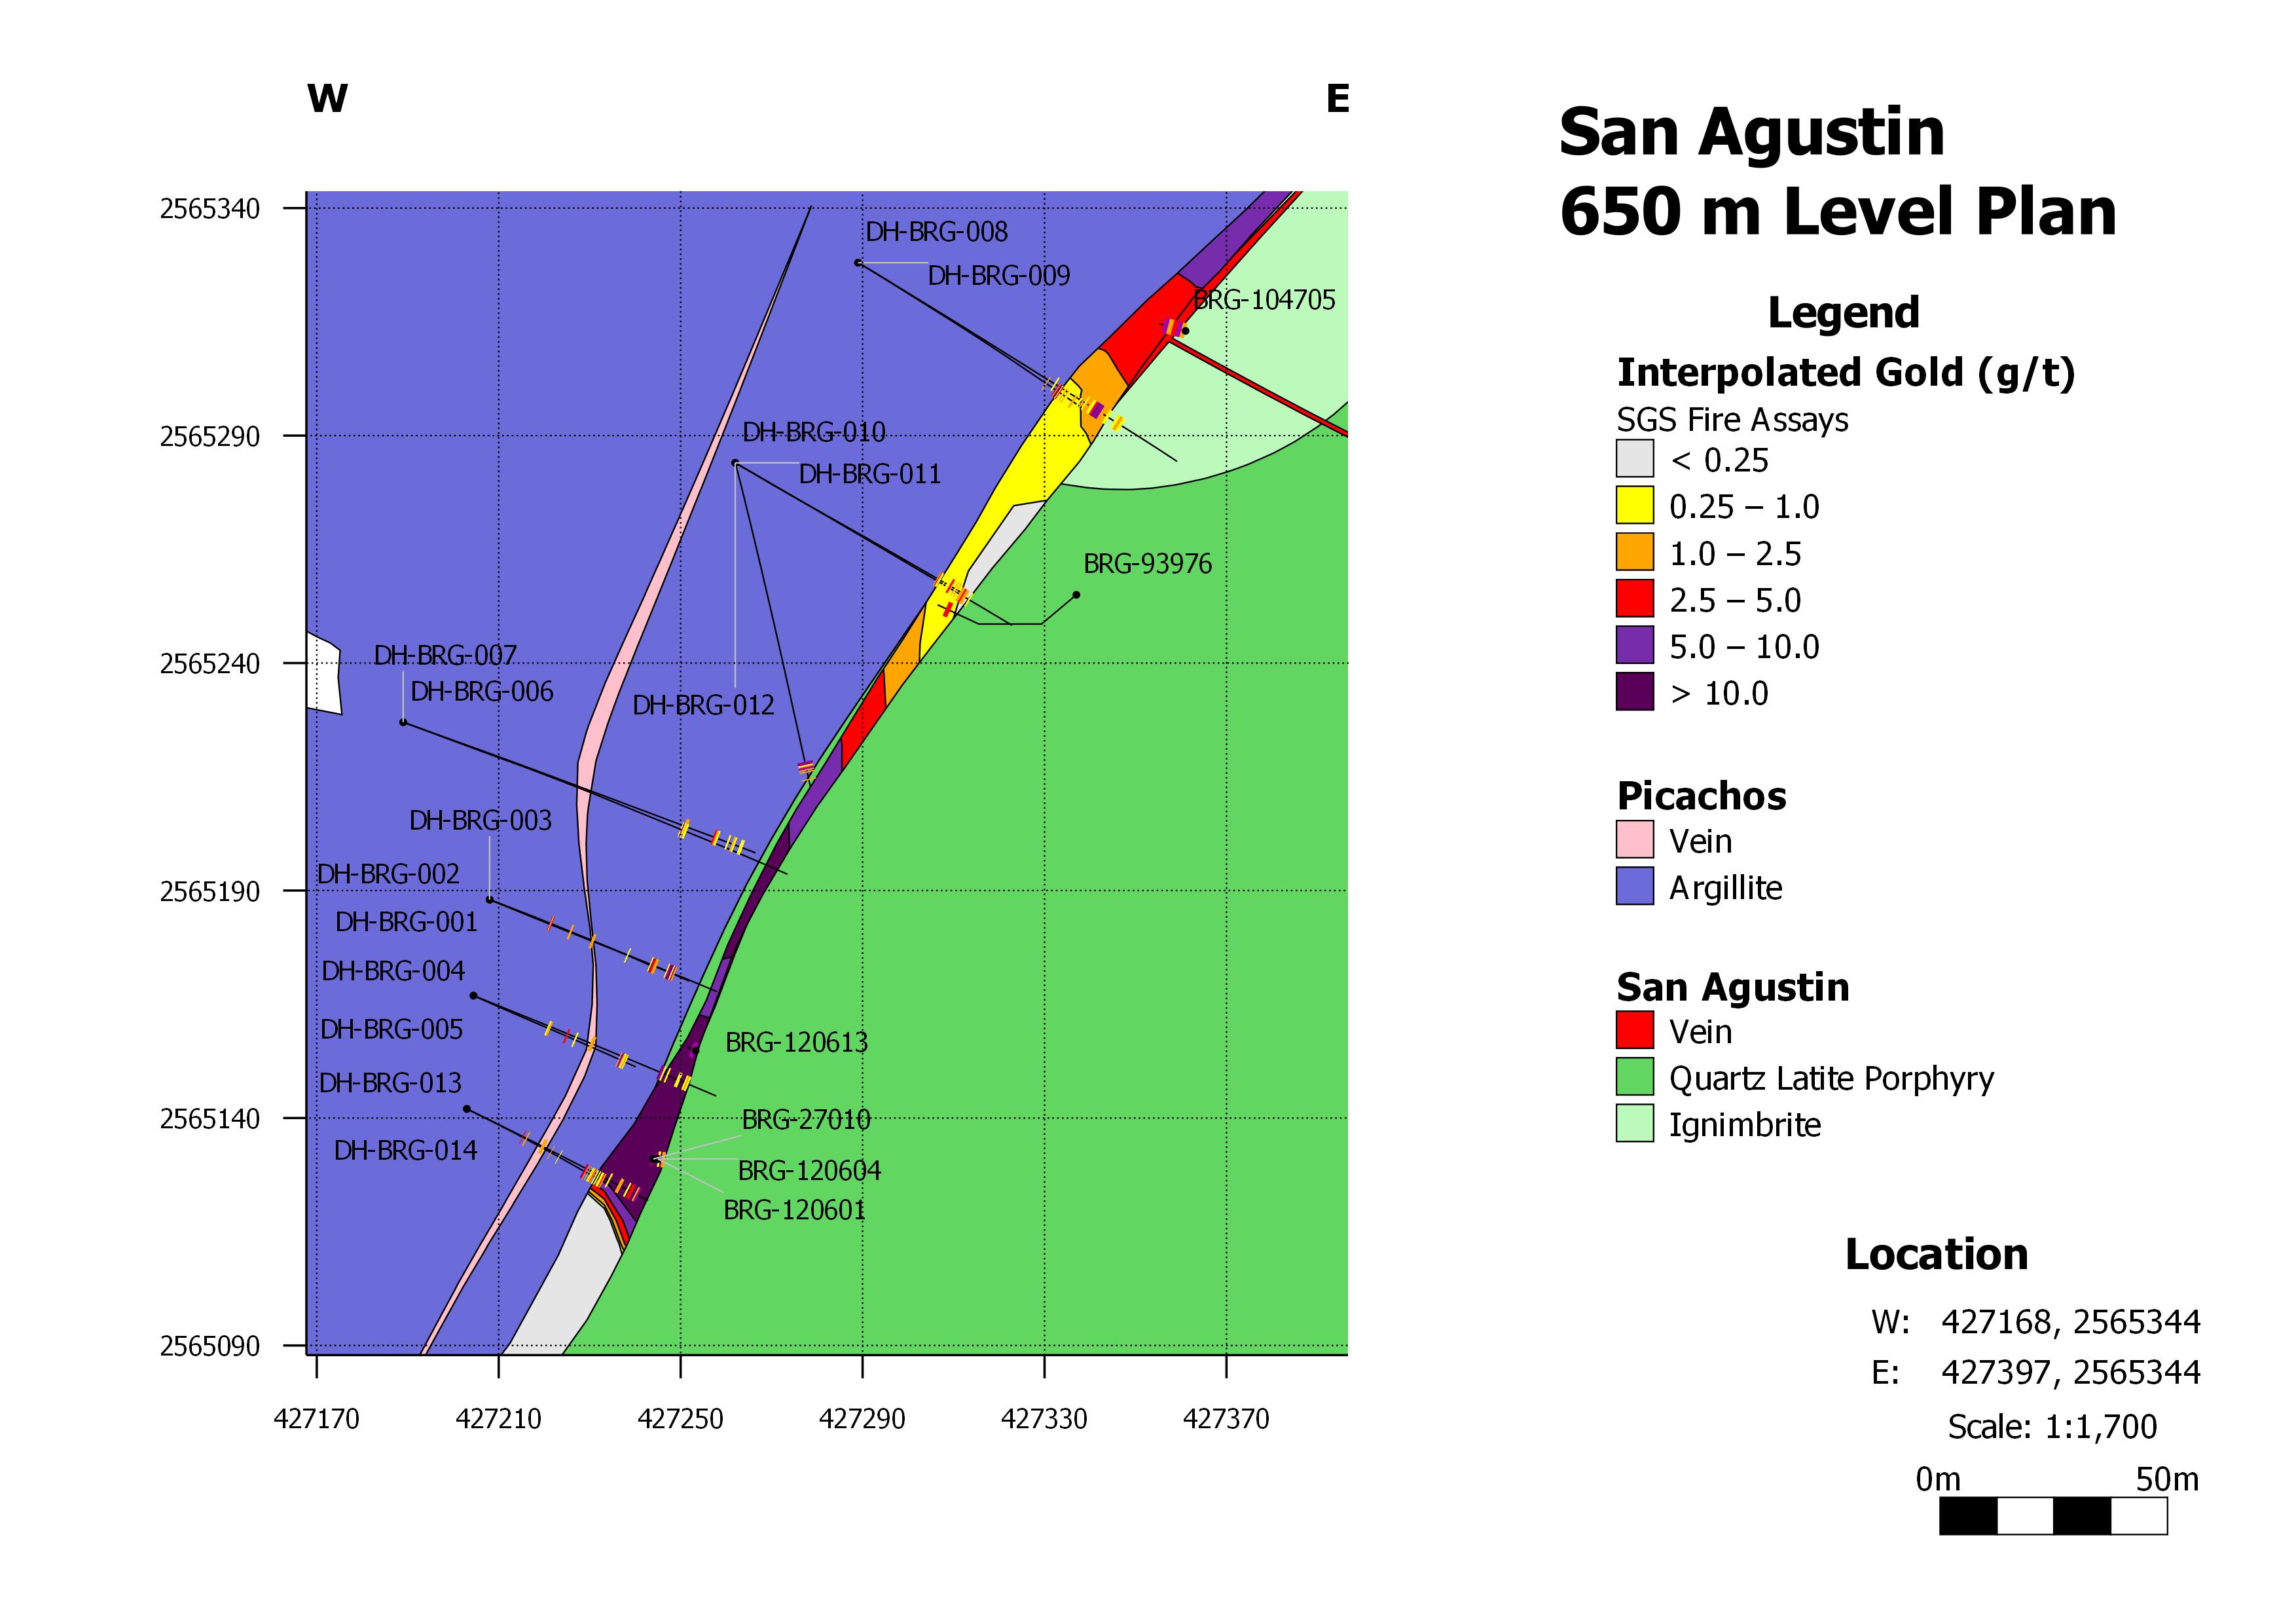 Brigadier San Agustín矿脉平面图